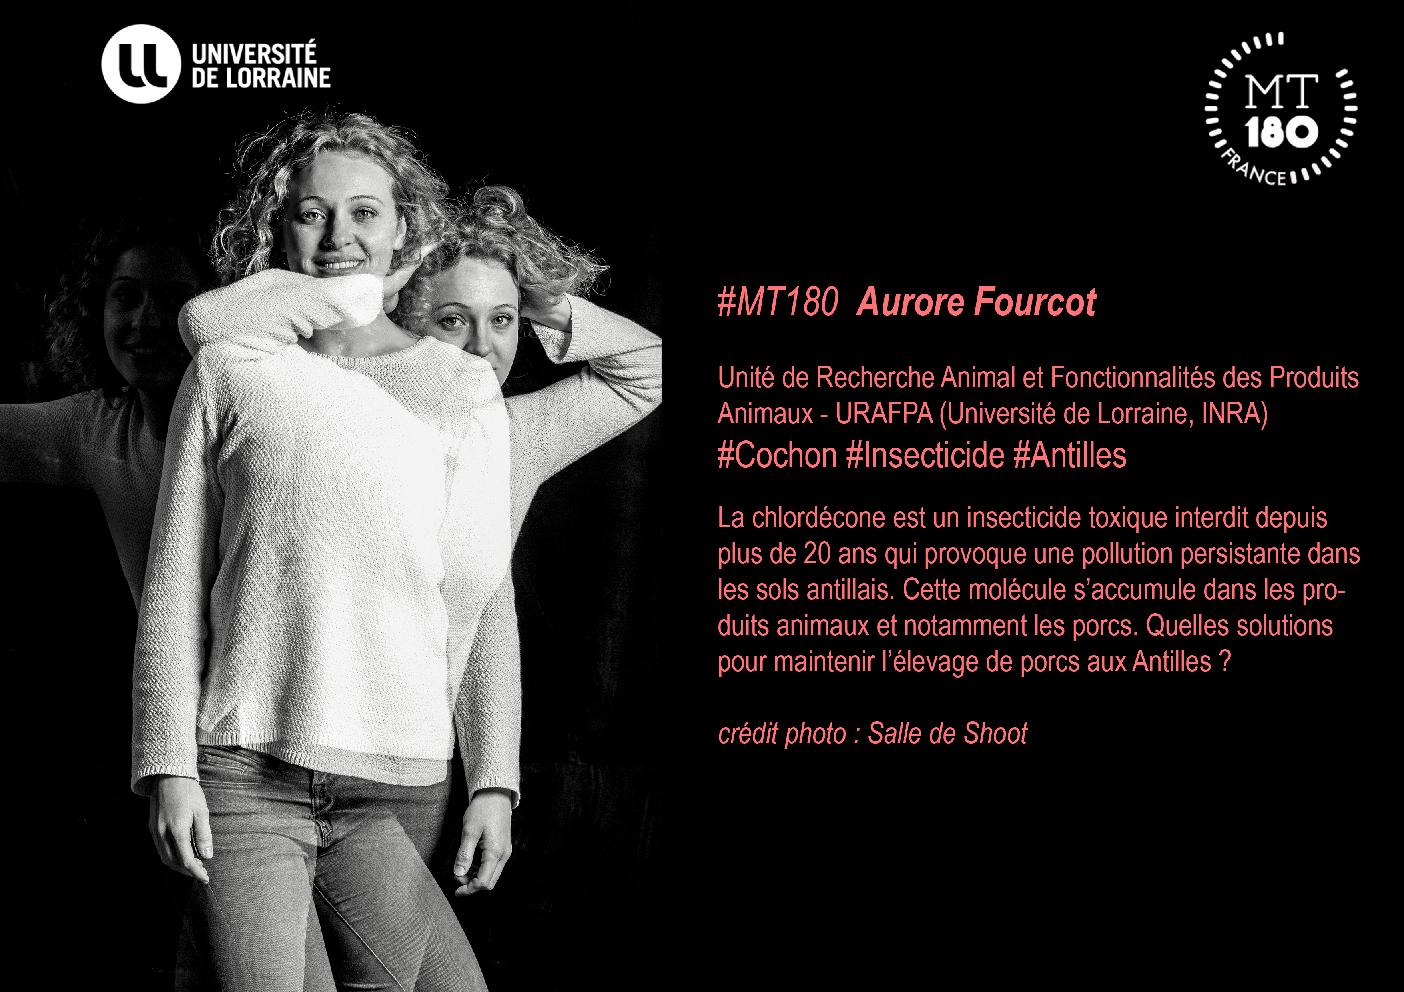 Voir le document lié de '#MT180 Aurore Fourcot'